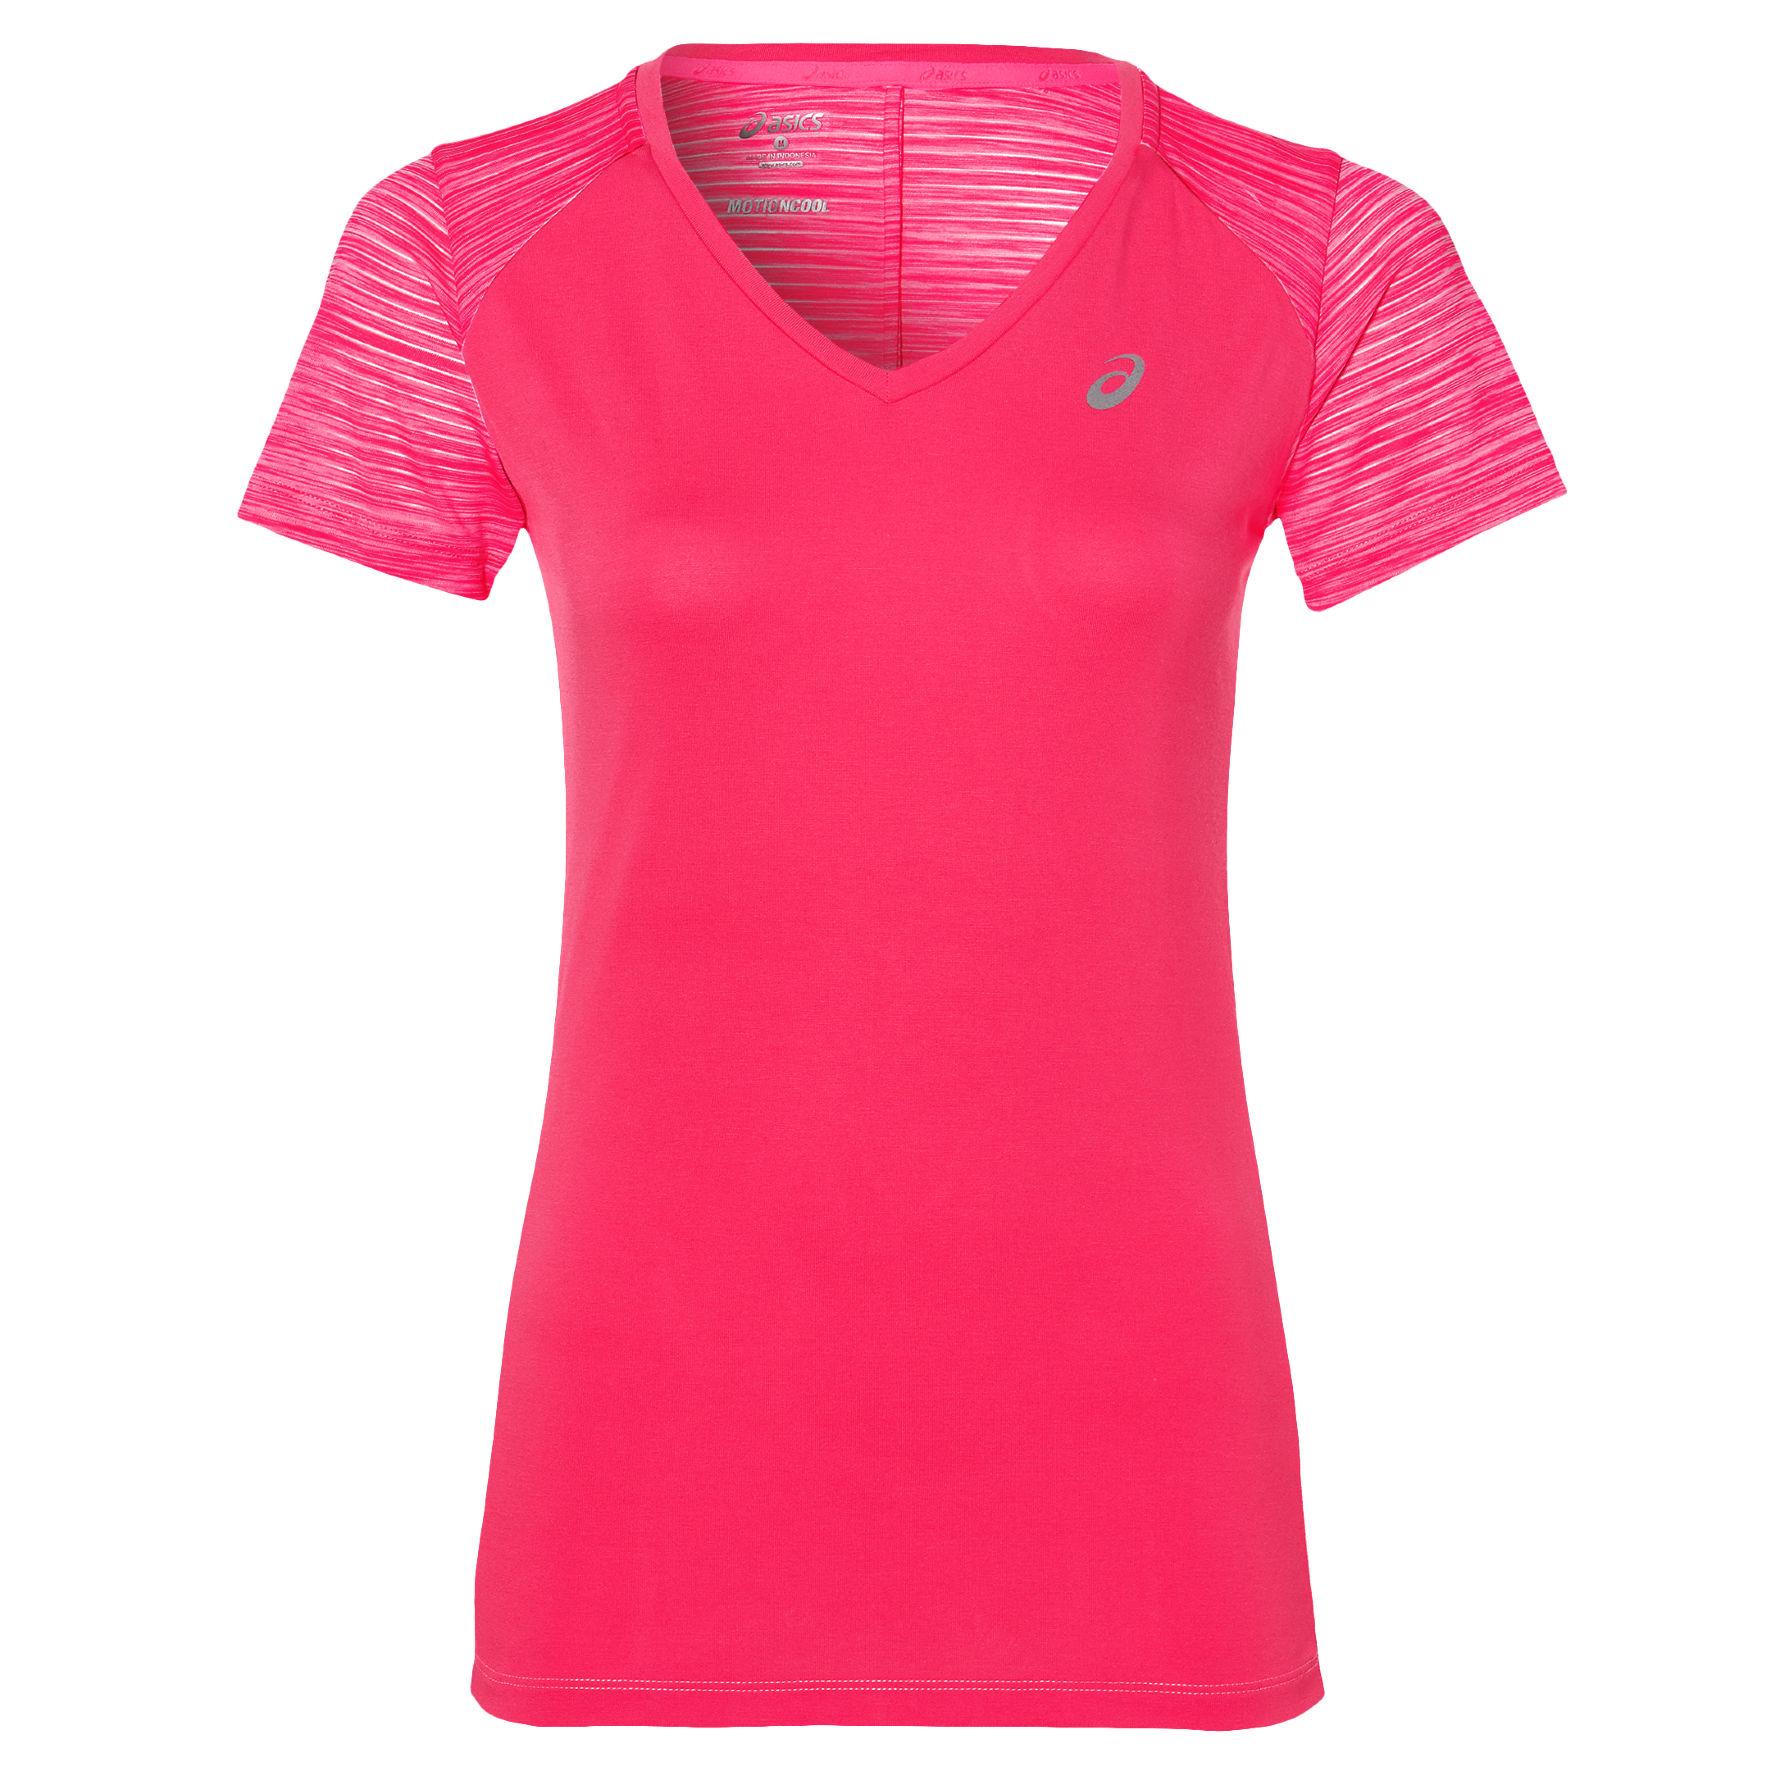 Купить Футболка Беговая Asics 2017 Fuzex V-Neck Ss Top Розовый, женский, Одежда для бега и фитнеса